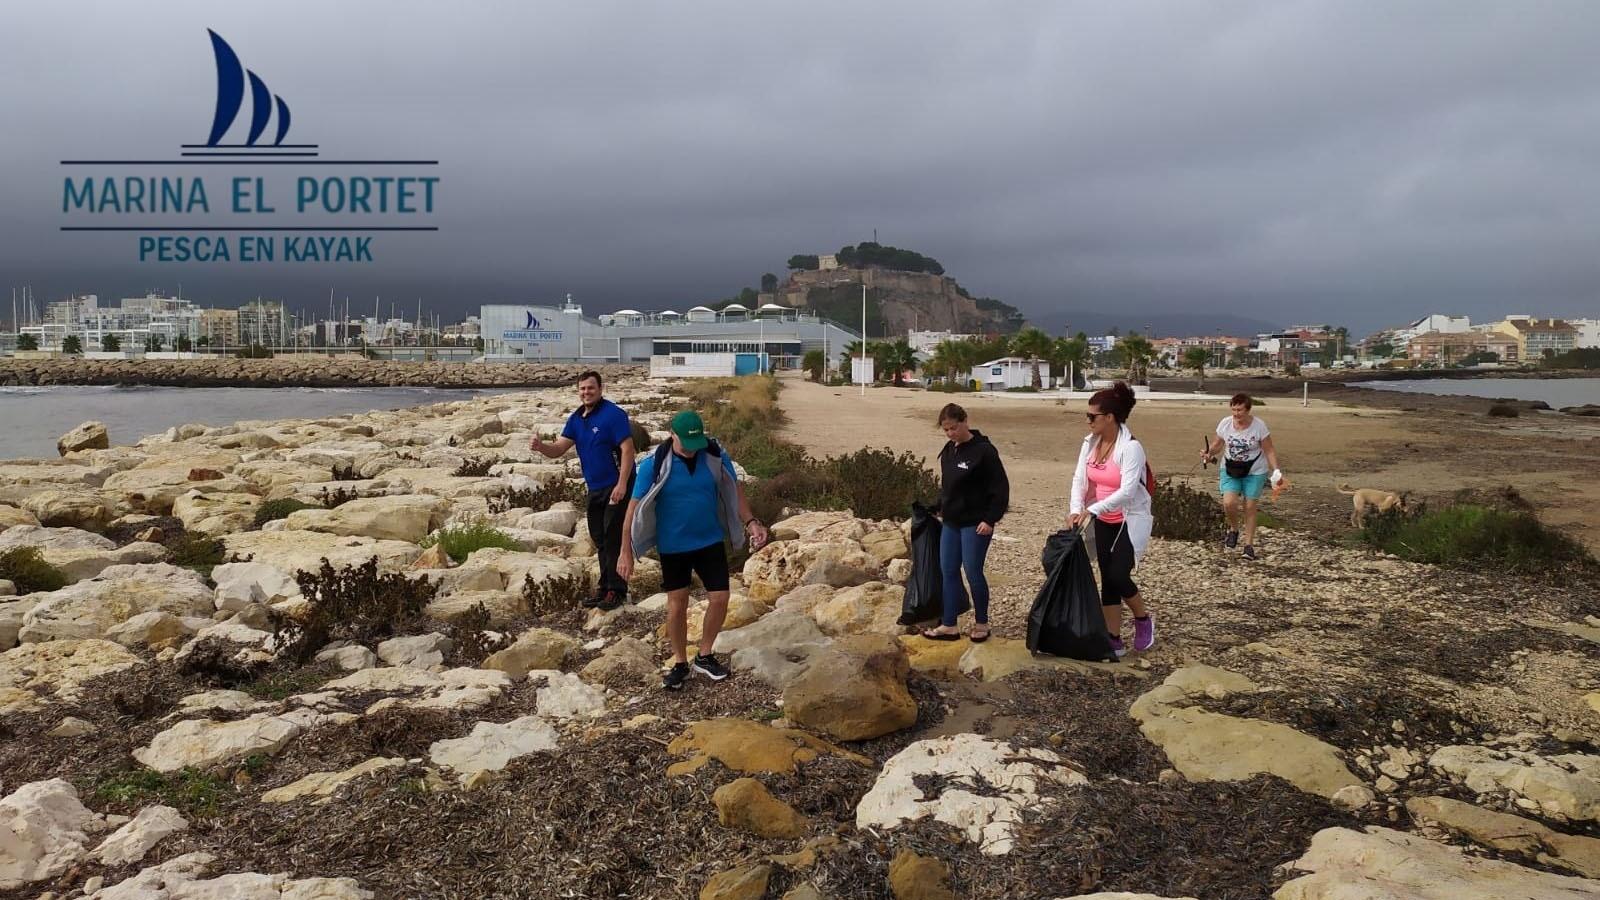 El club de Pesca de Marina El Portet se suma a #Kayakscontraelplastico